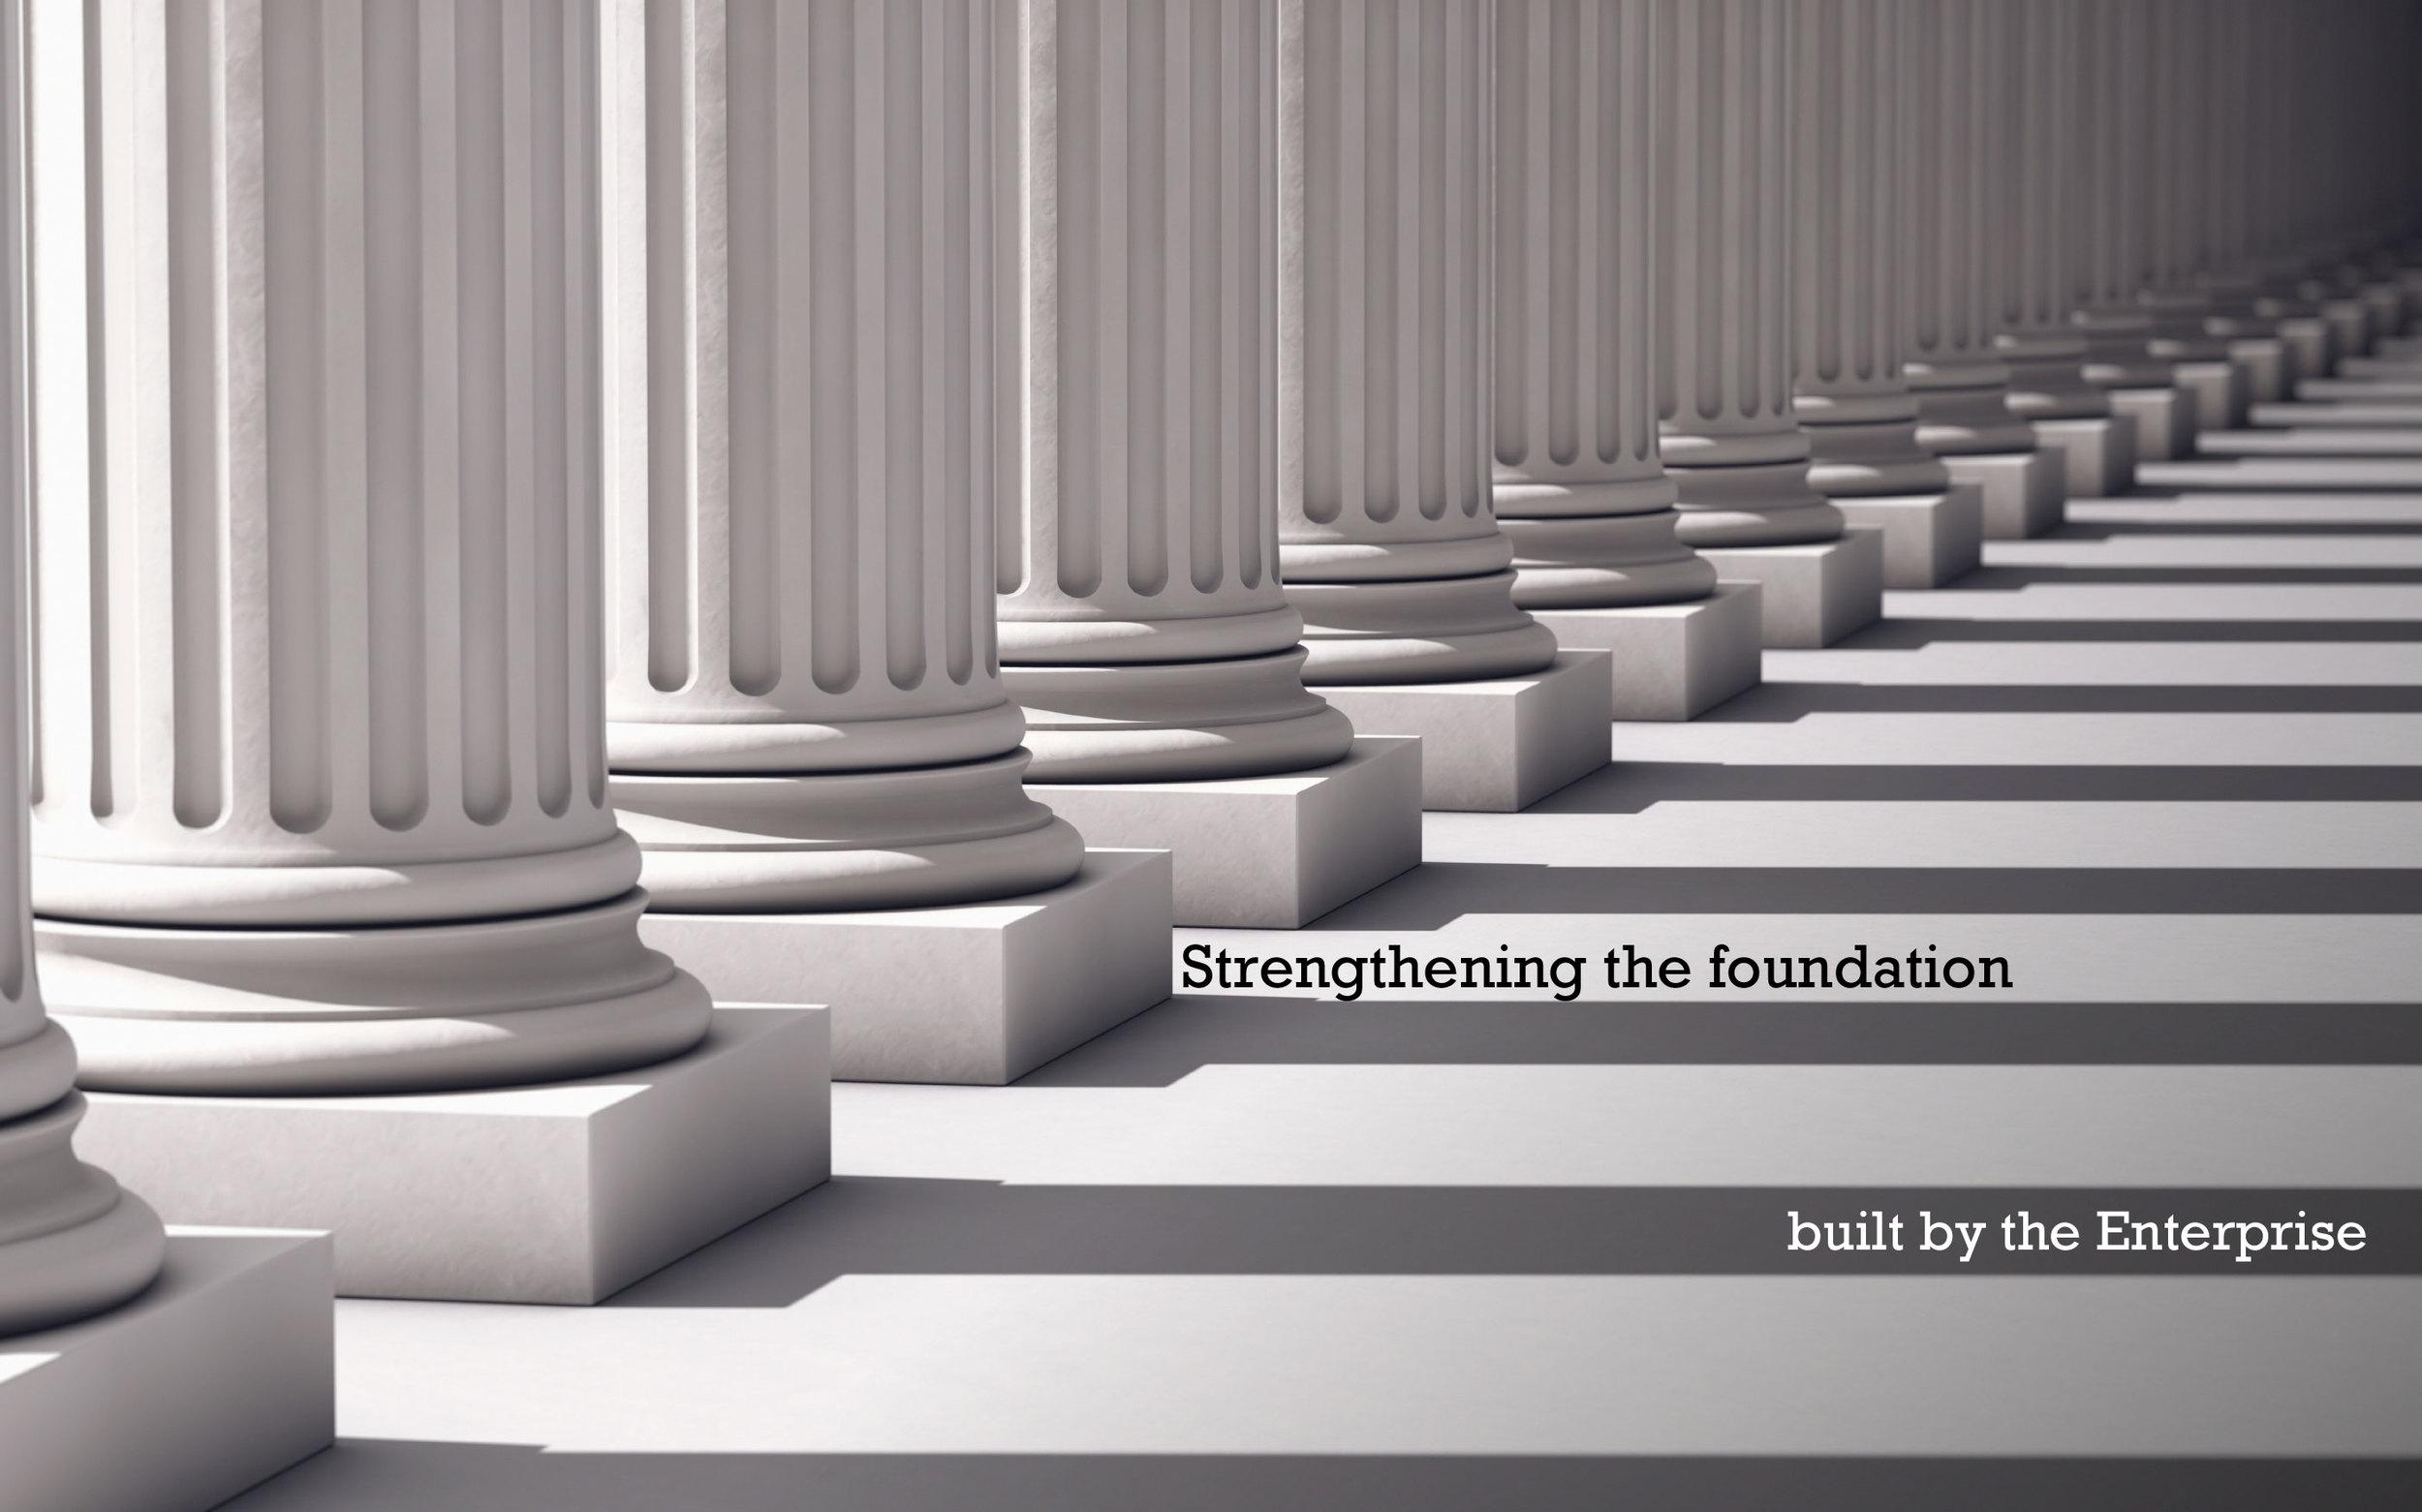 Strengthening-the-foundation3.jpg